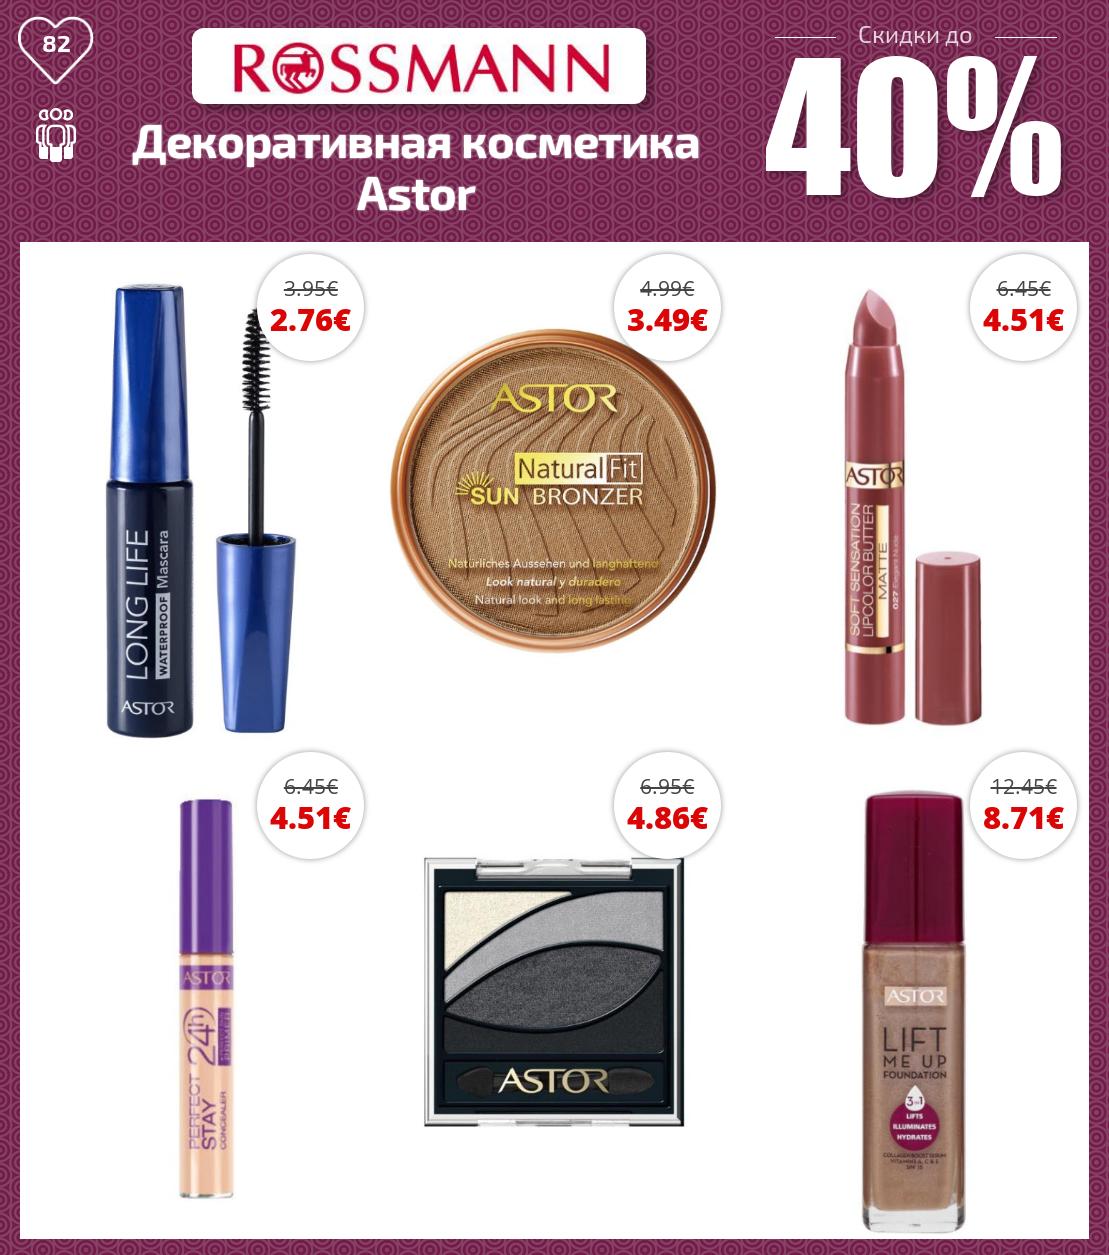 Astor косметика купить в минске греческая косметика messinian купить